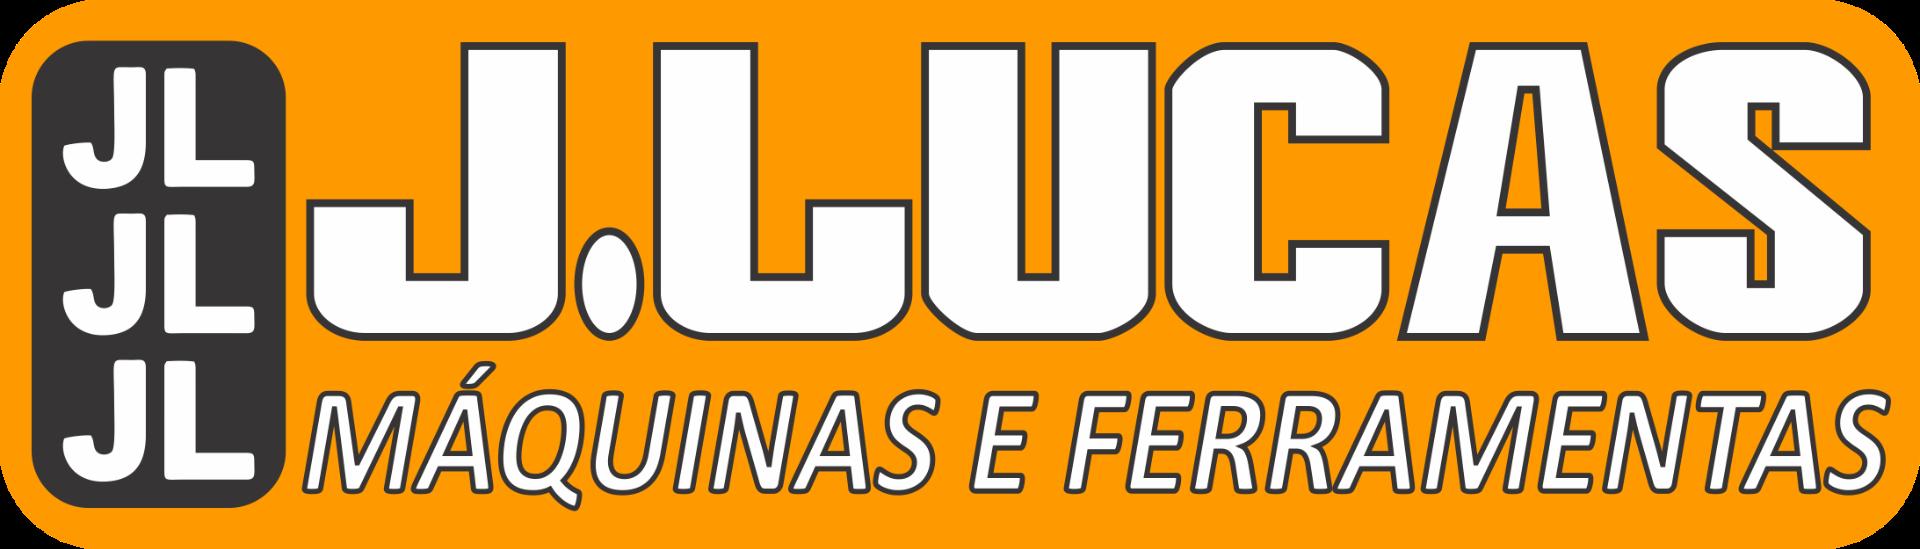 J.Lucas